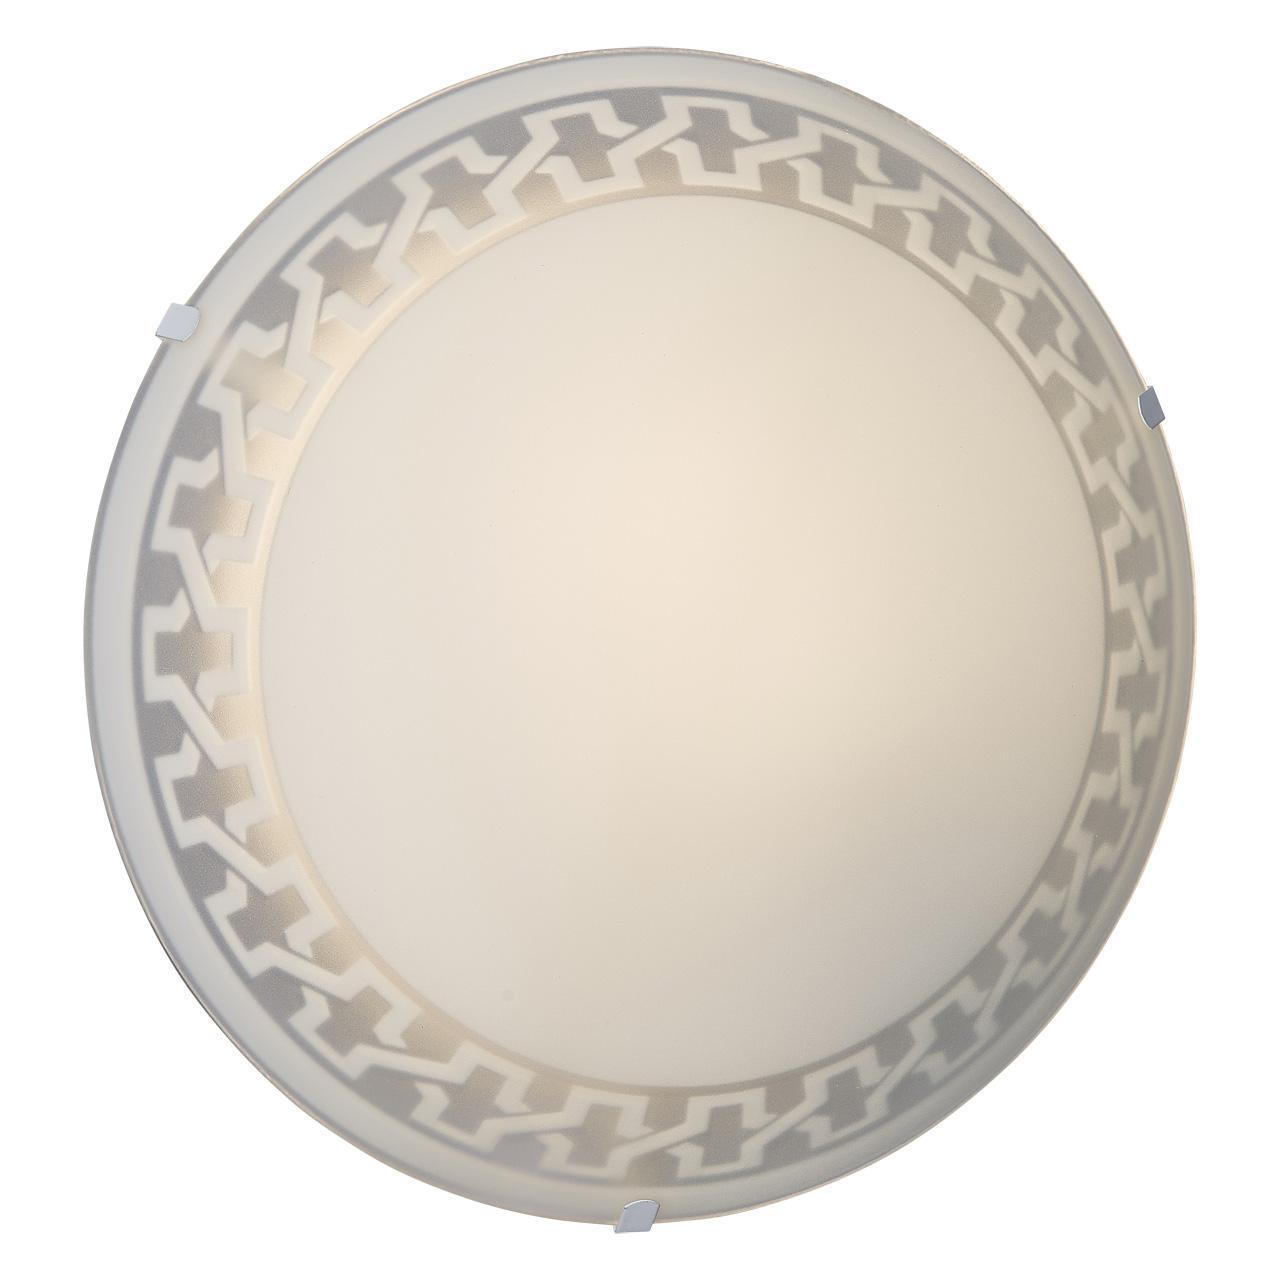 Потолочный светильник Sonex Vassa 1203/L бра sonex tosi 1239 l